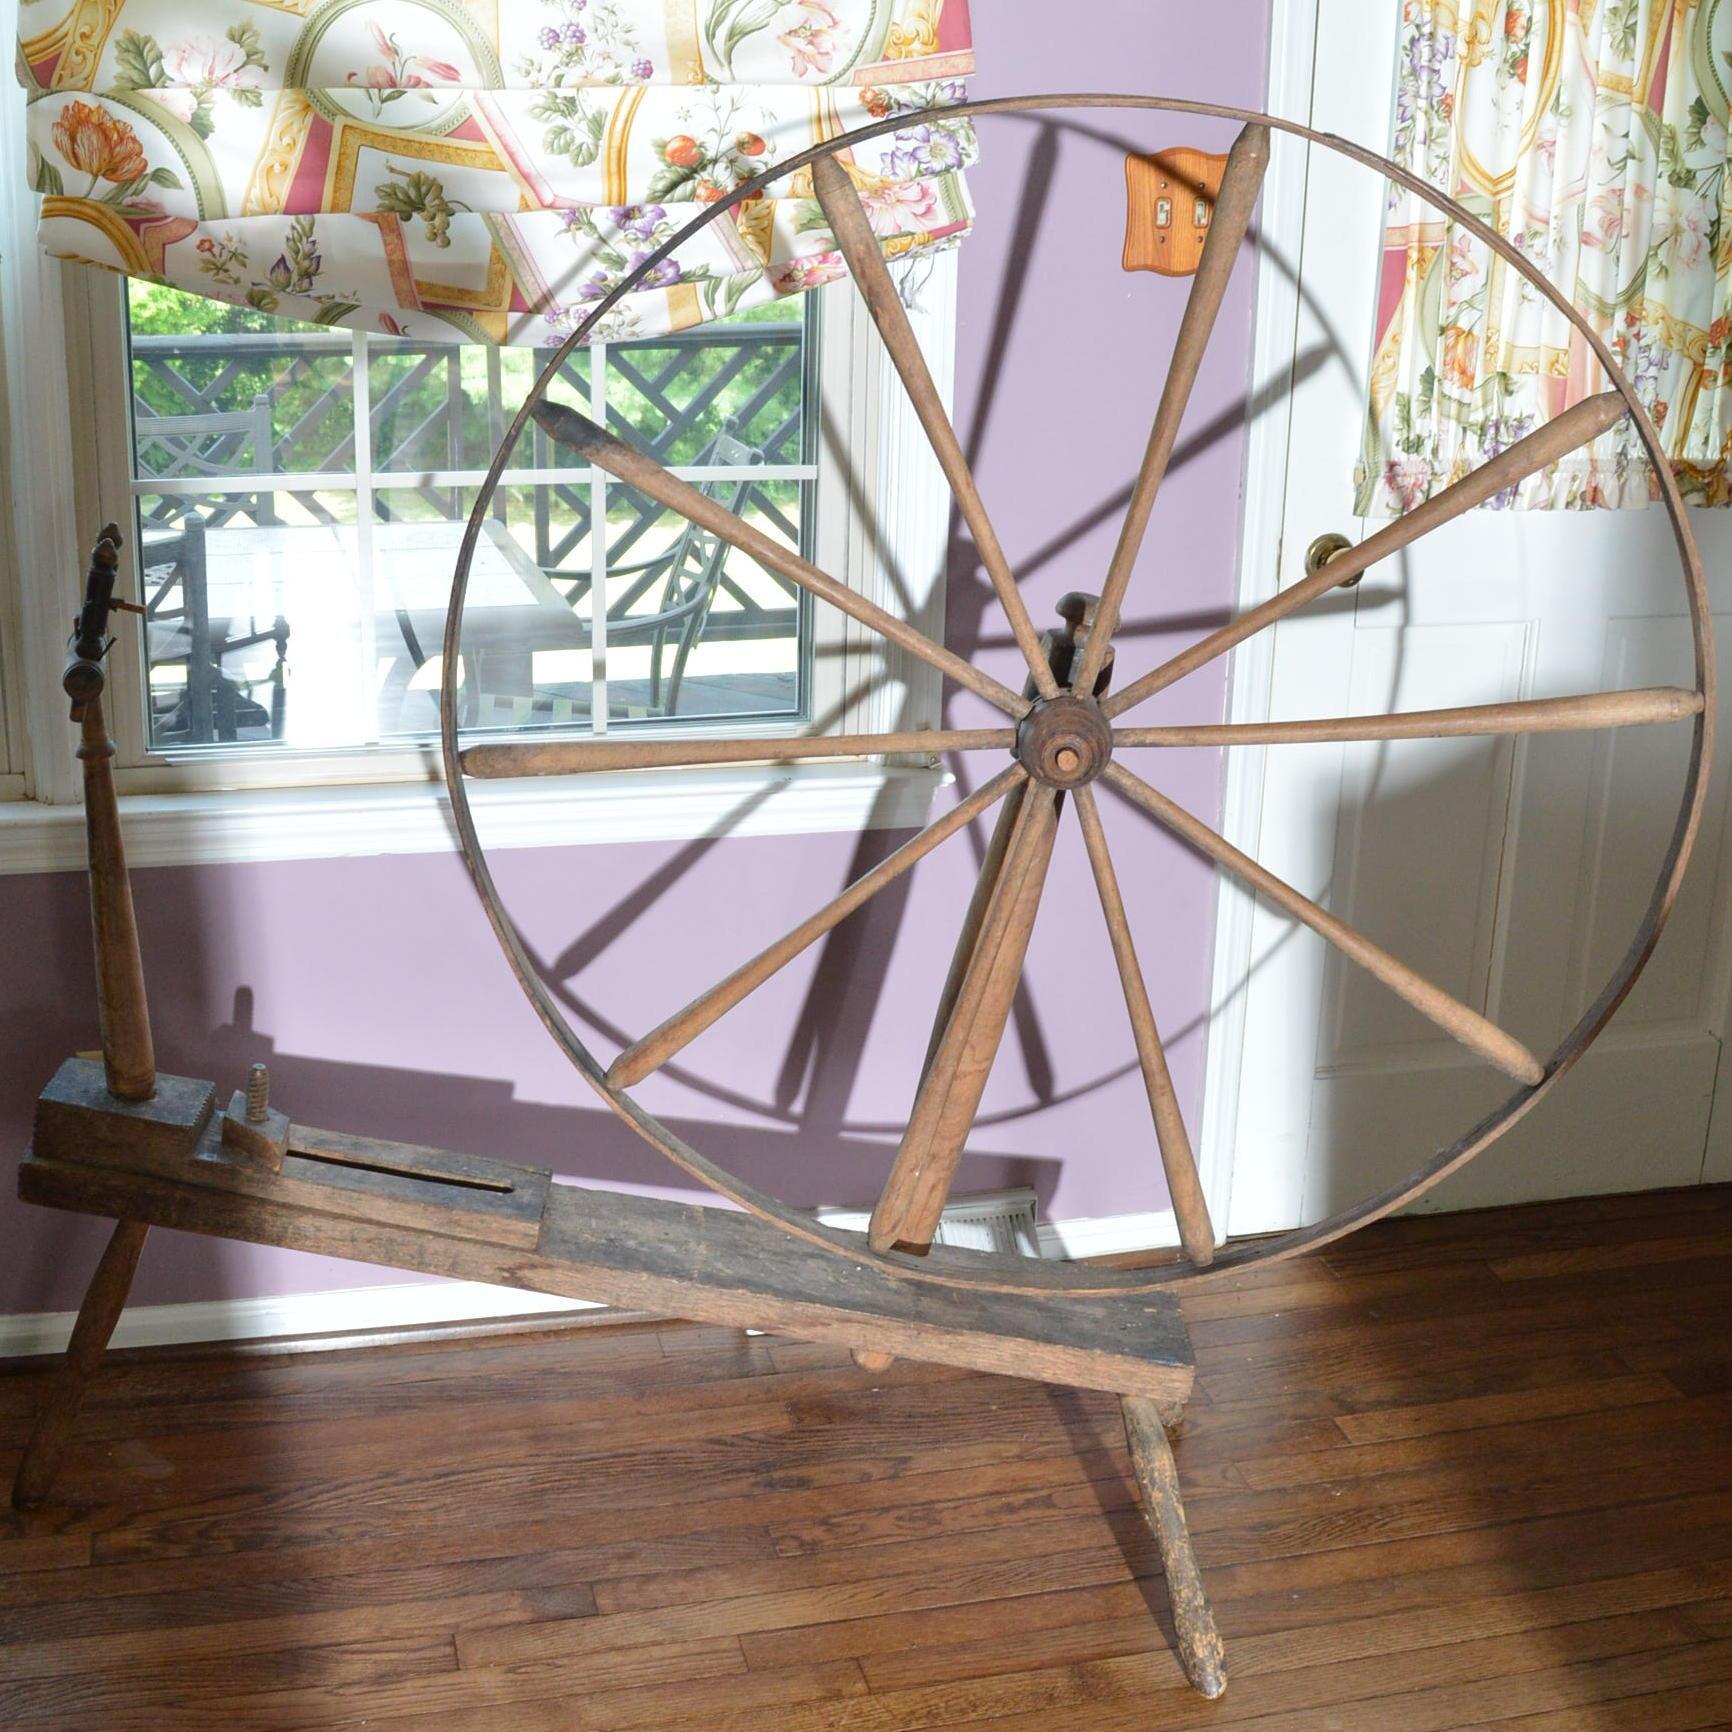 Walking Spinning Wheel